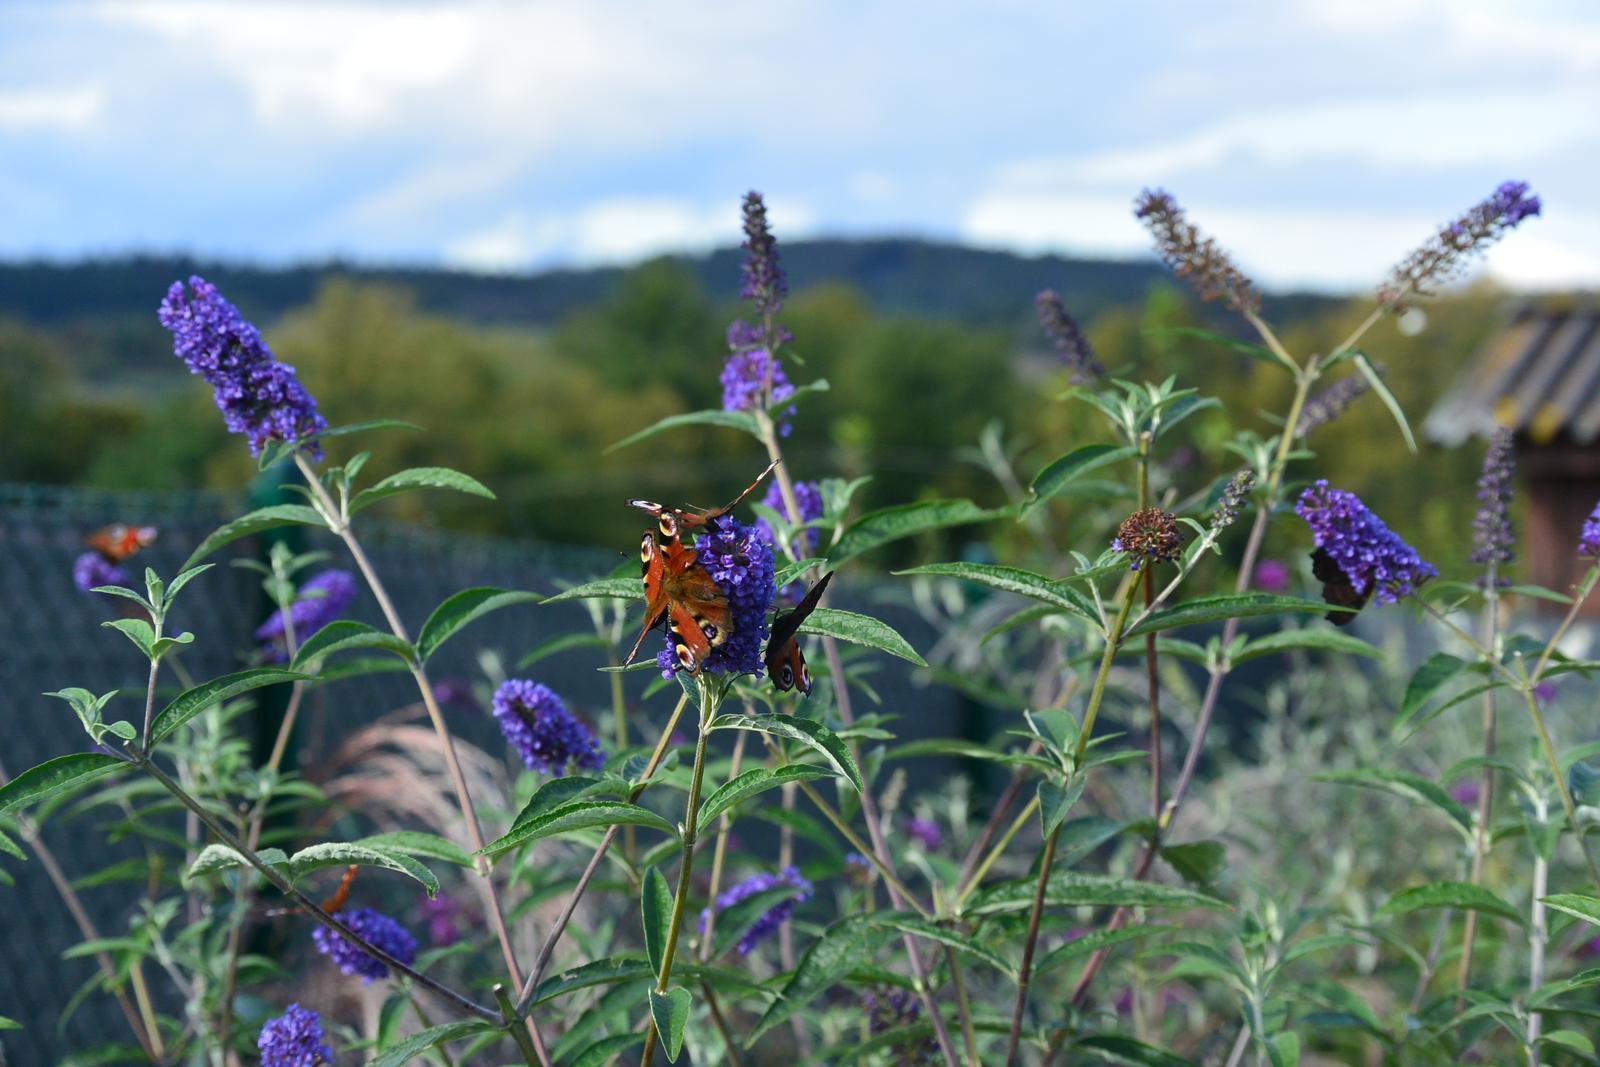 Motýlí zahrada 2019-2020 - Motýláky totálně obalené mlsouny.